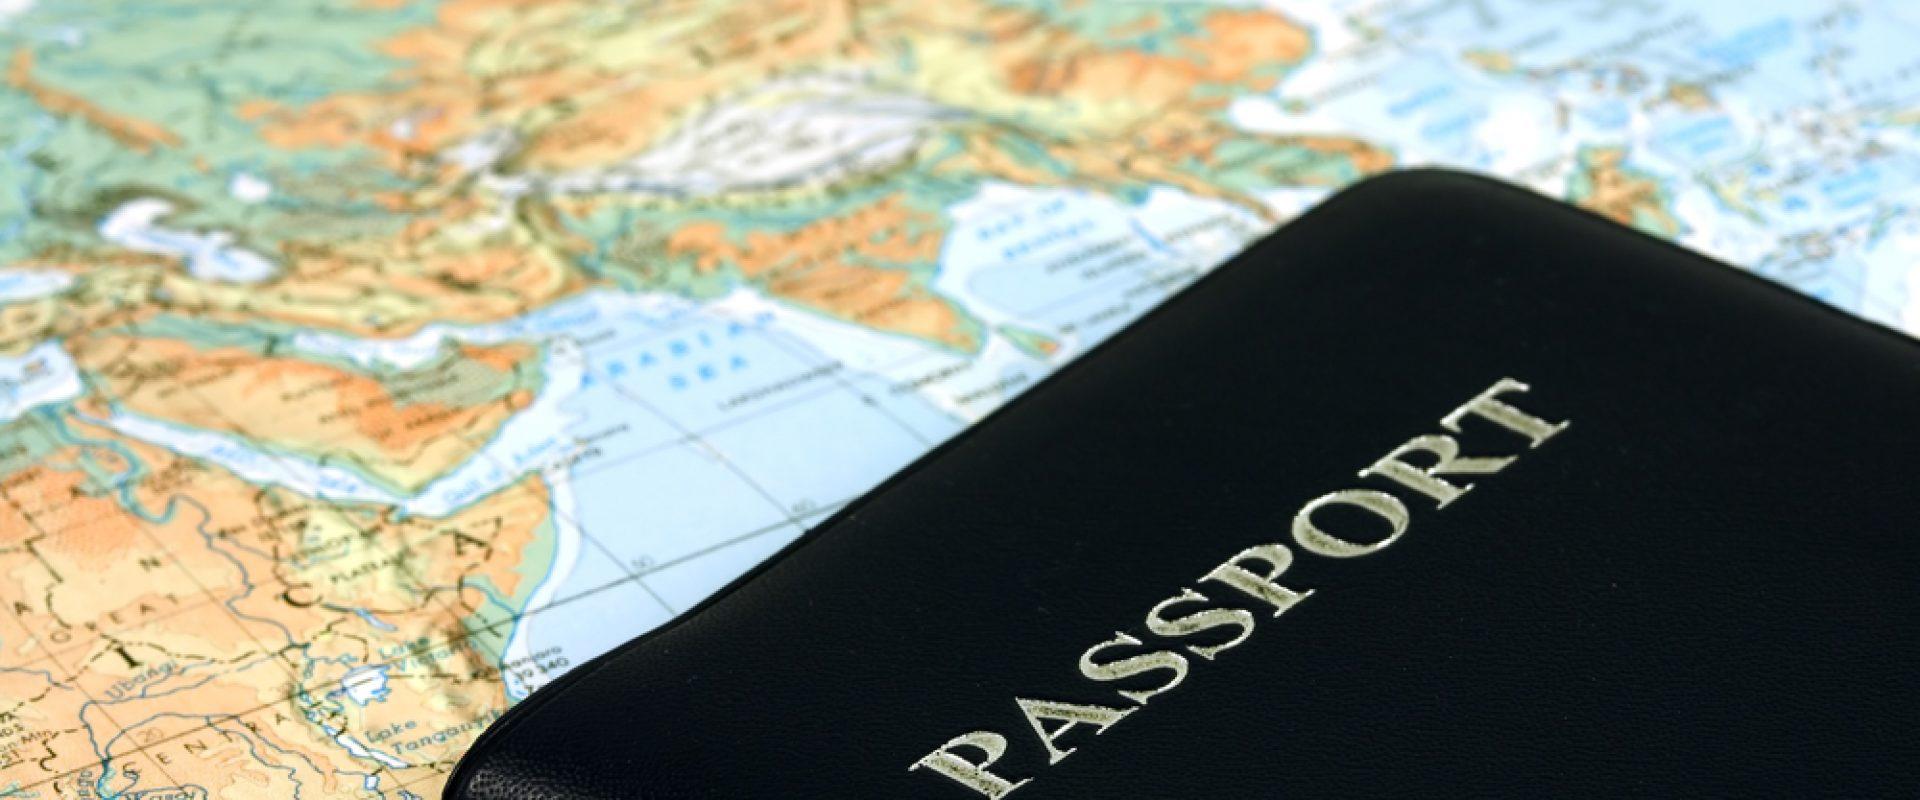 A passport on a world map